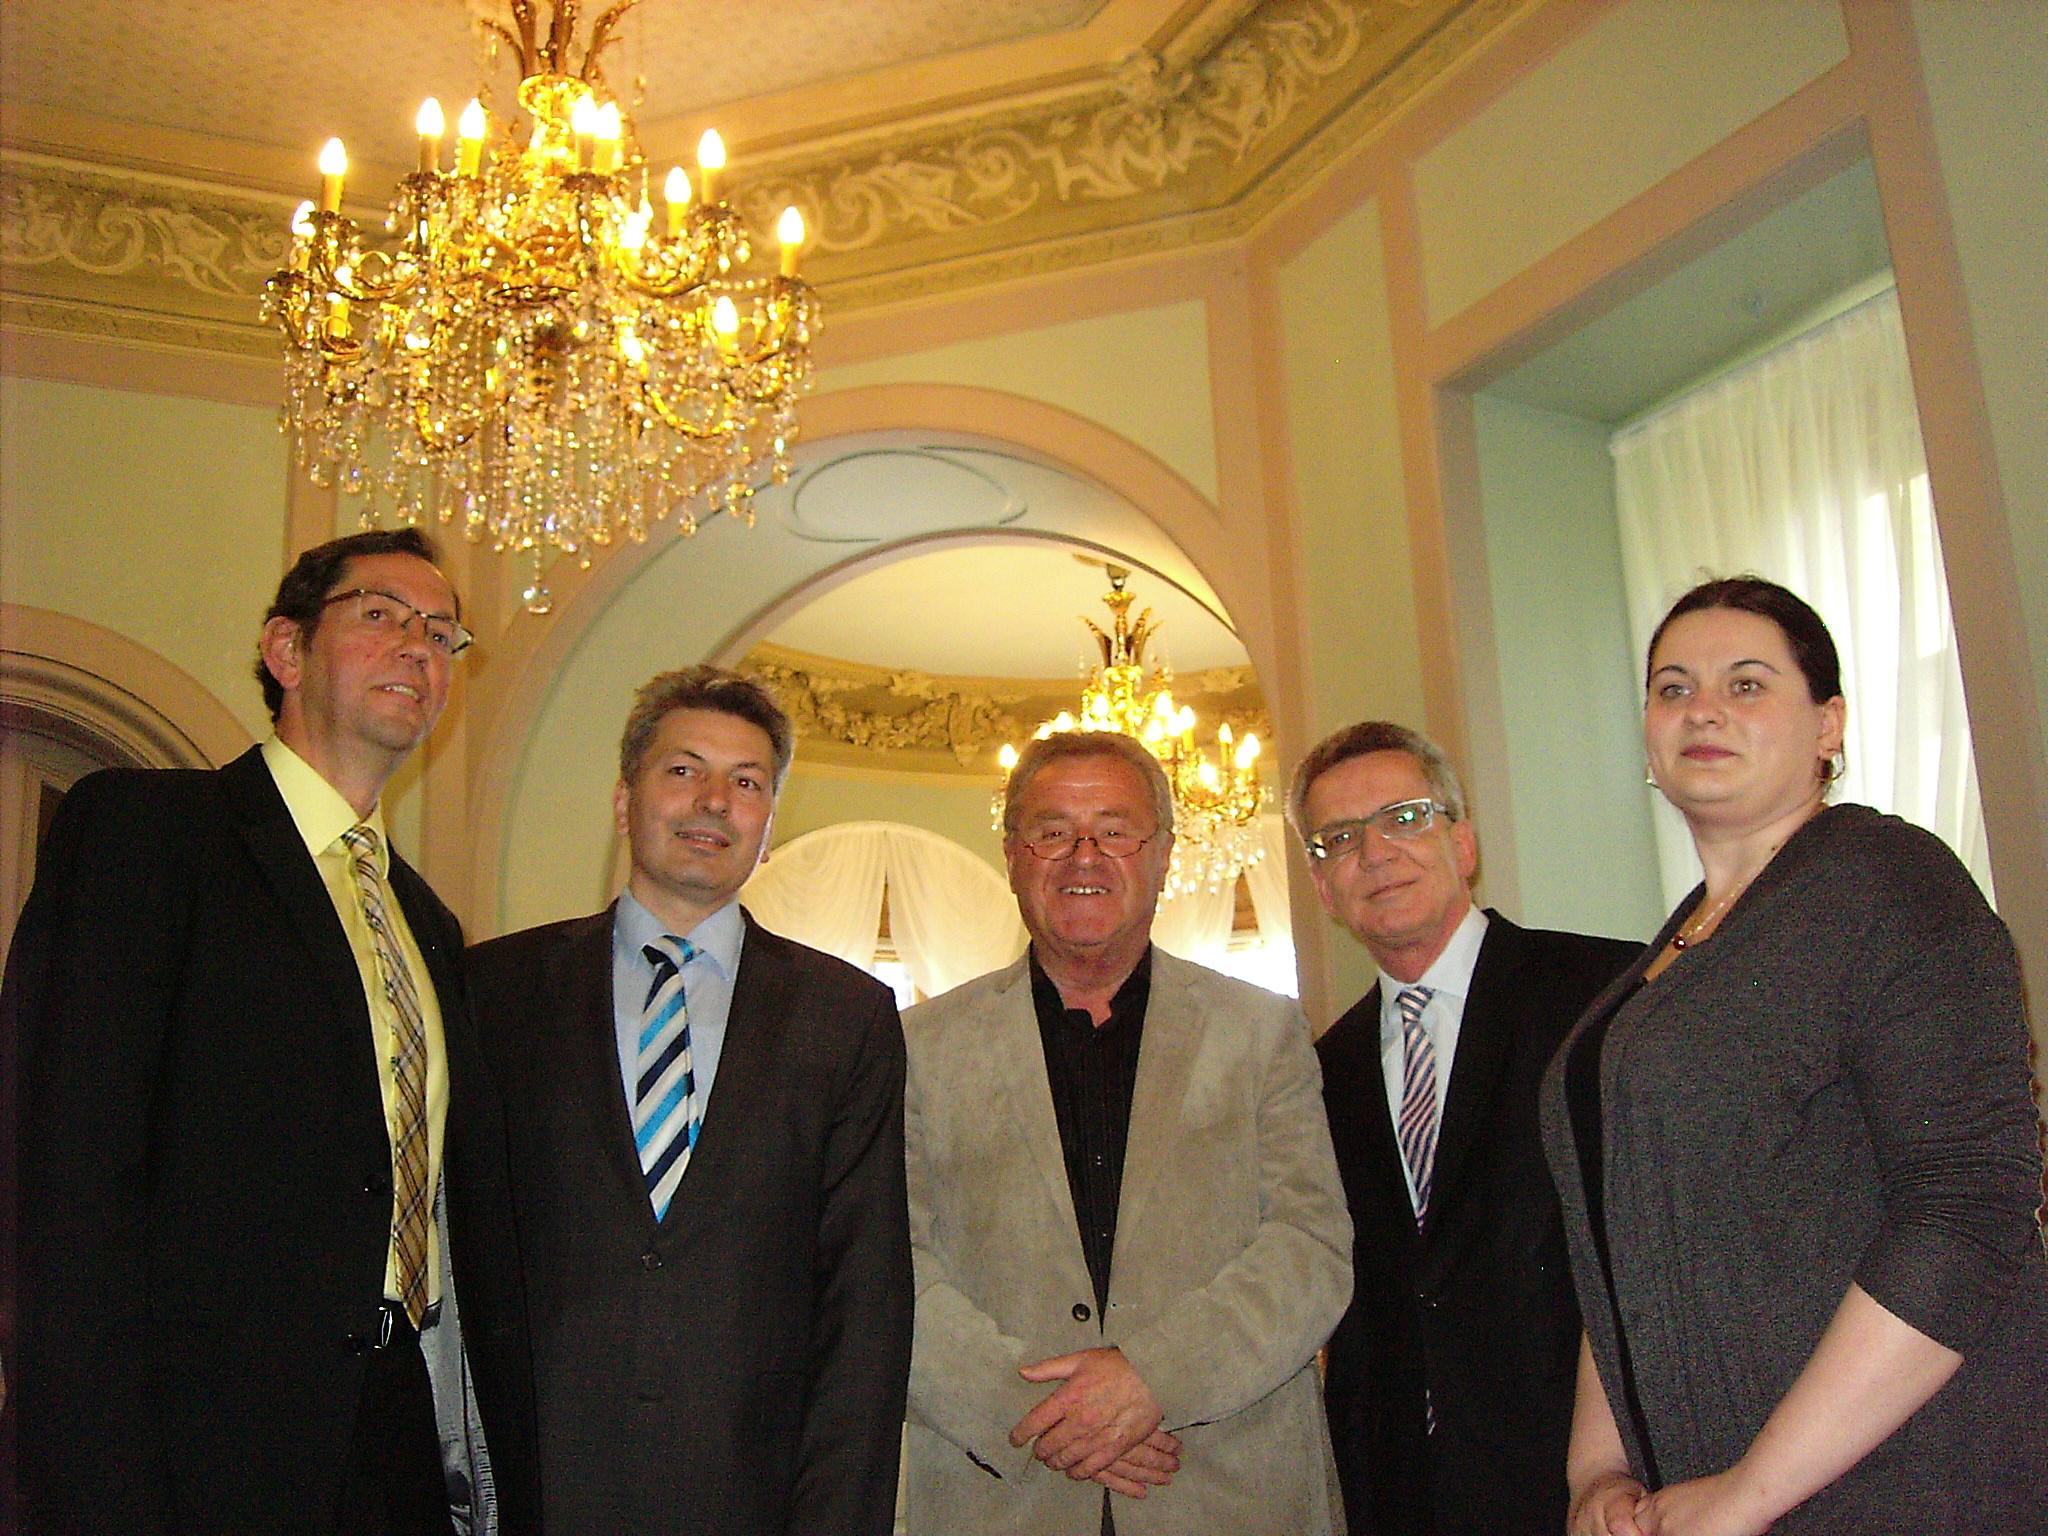 Besuch im Schloss Schönfeld des Bundesinnenministers und Bundestagsabgeordneten Dr. Thomas de Maizière